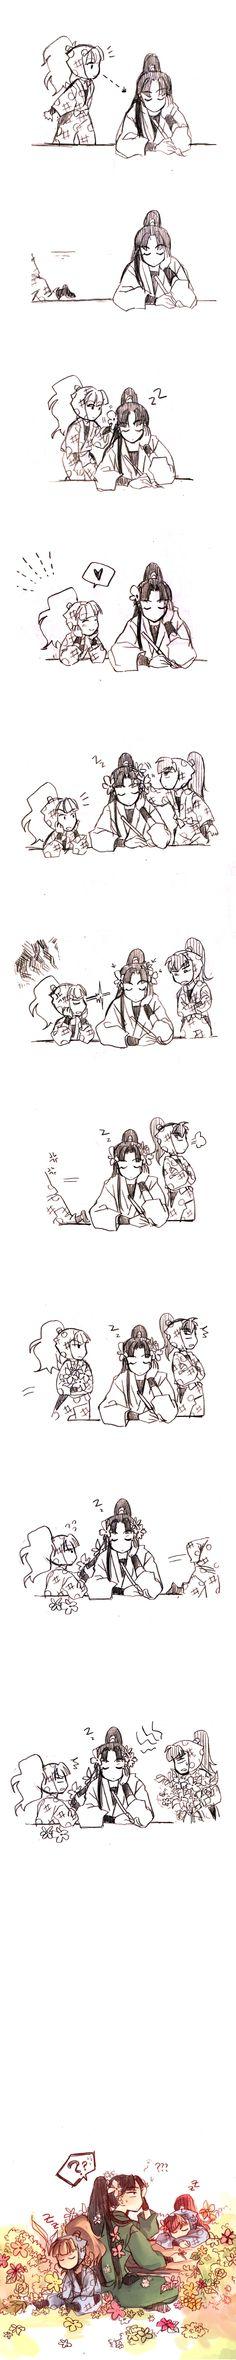 Nintama comic-Sahou Iinkai-zerochan